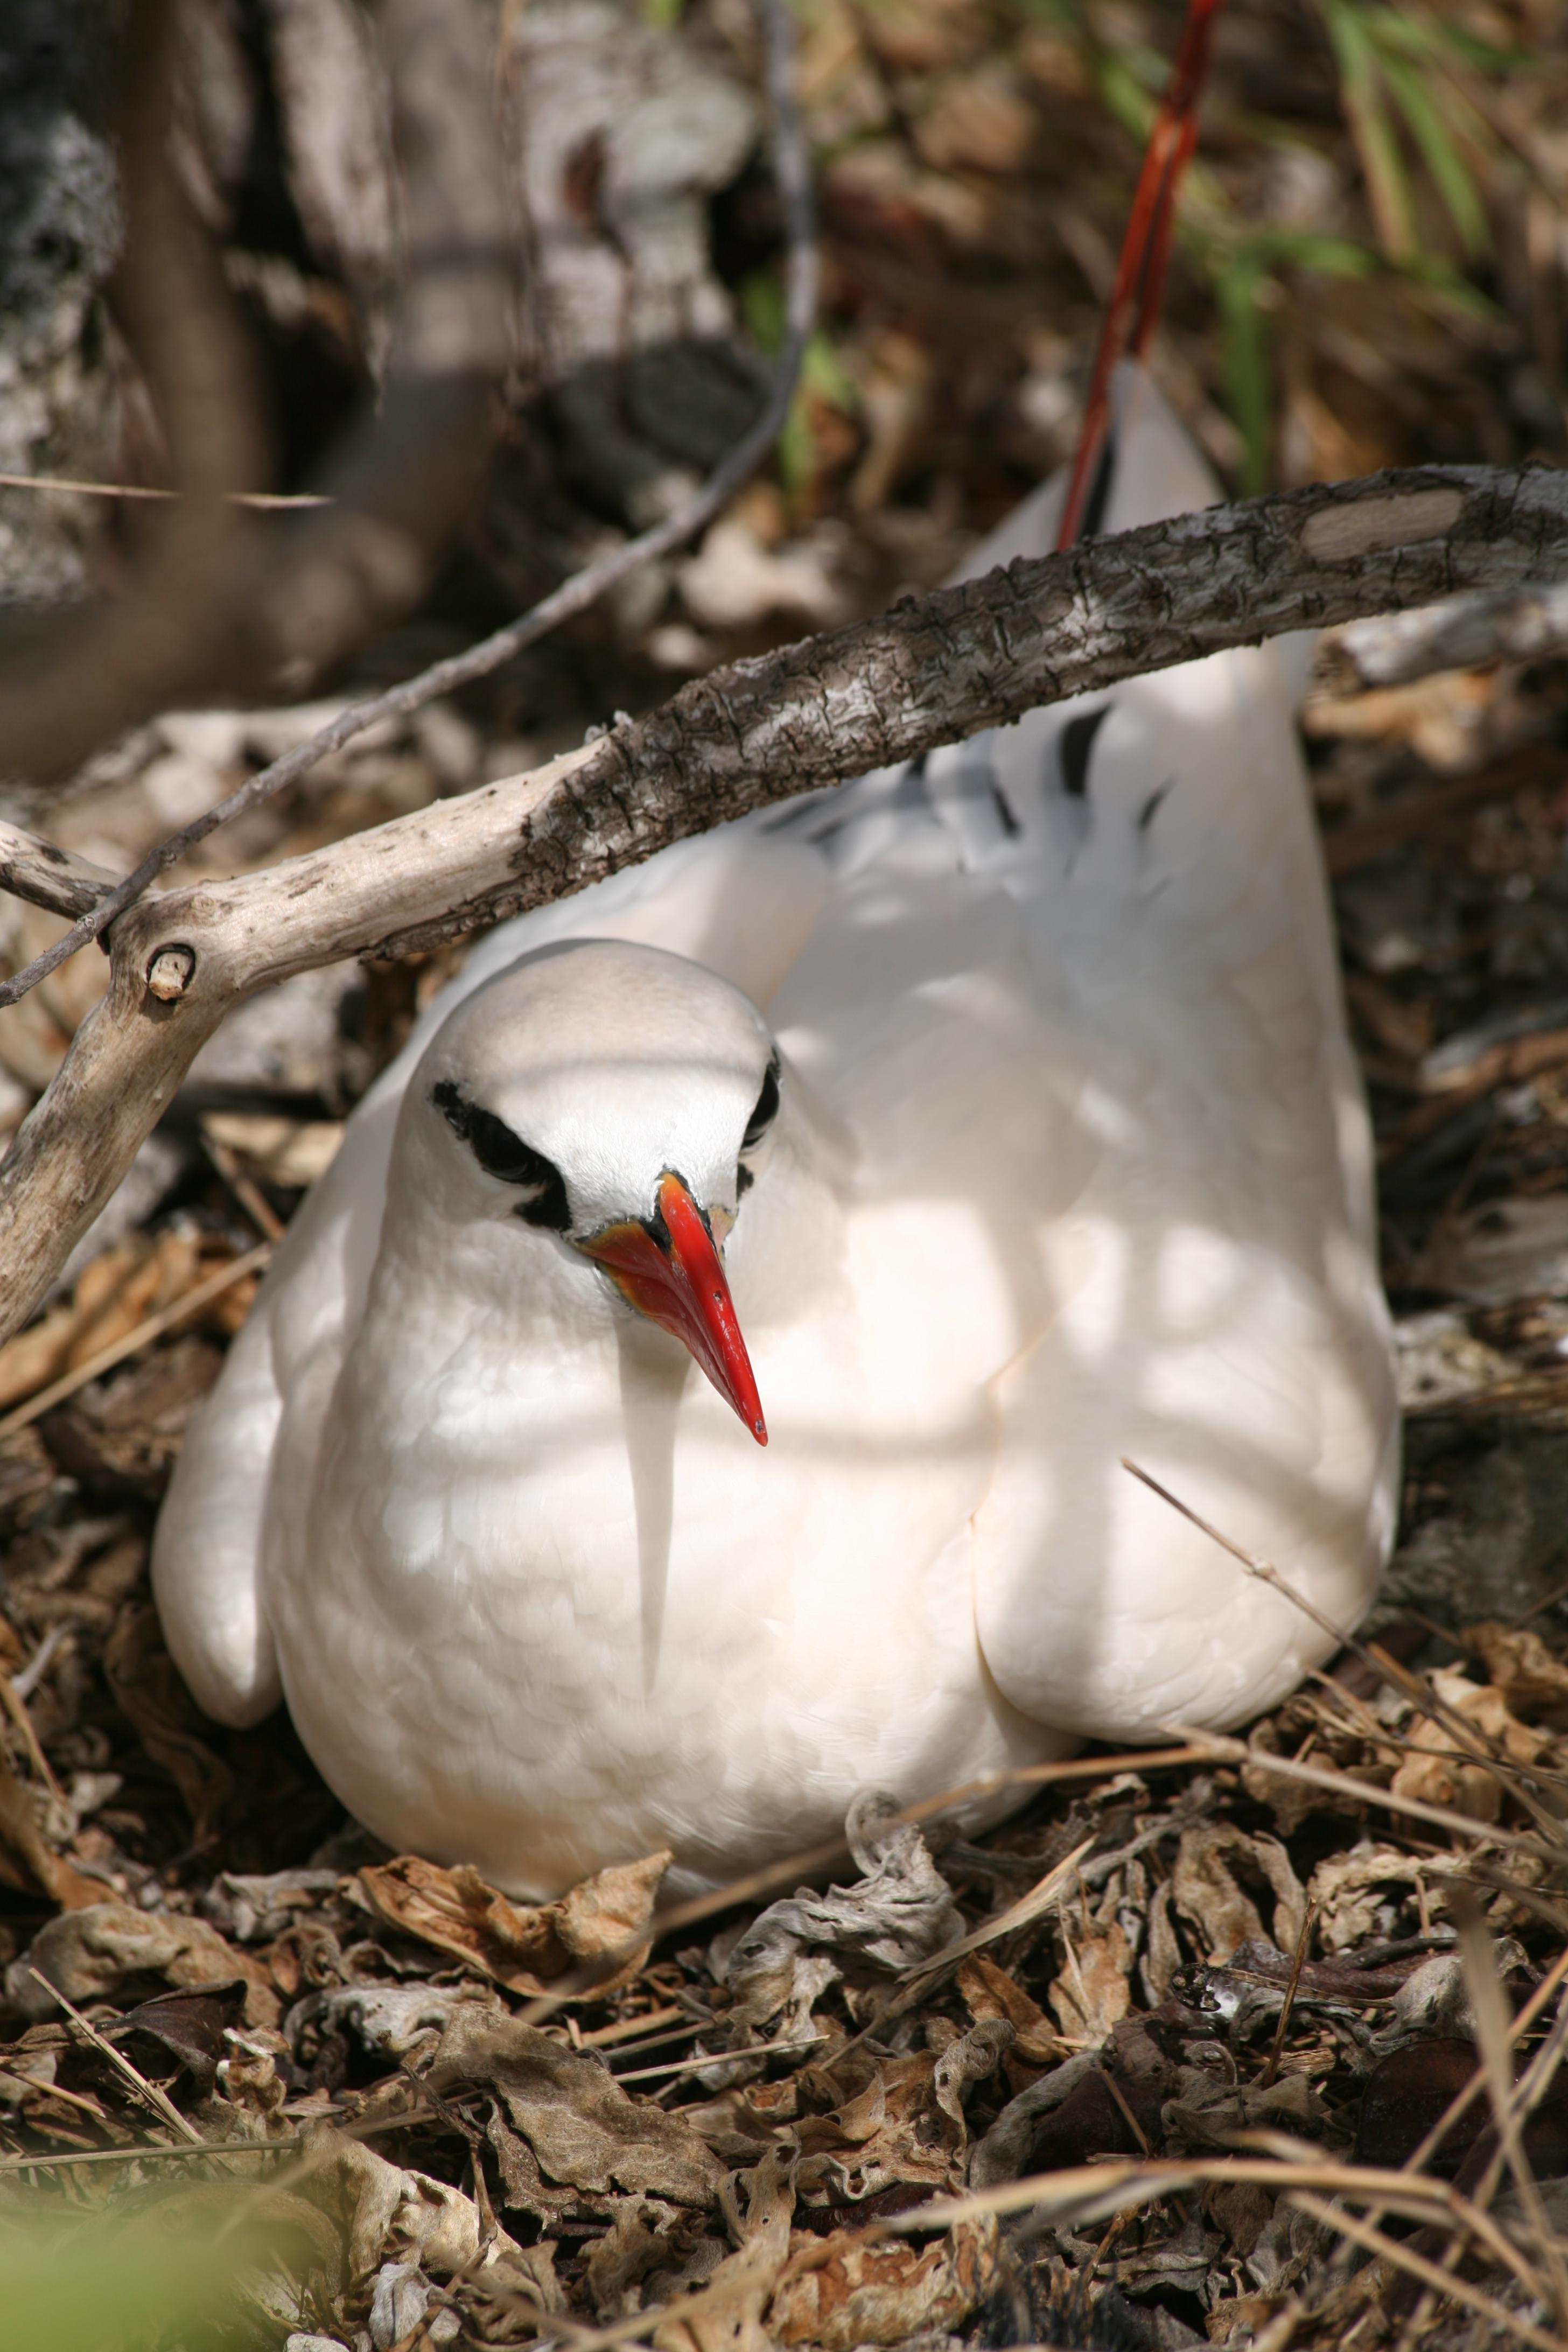 Un paille-en-queue au nid ; les oiseaux constituent l'une des attractions touristiques de l'atoll.